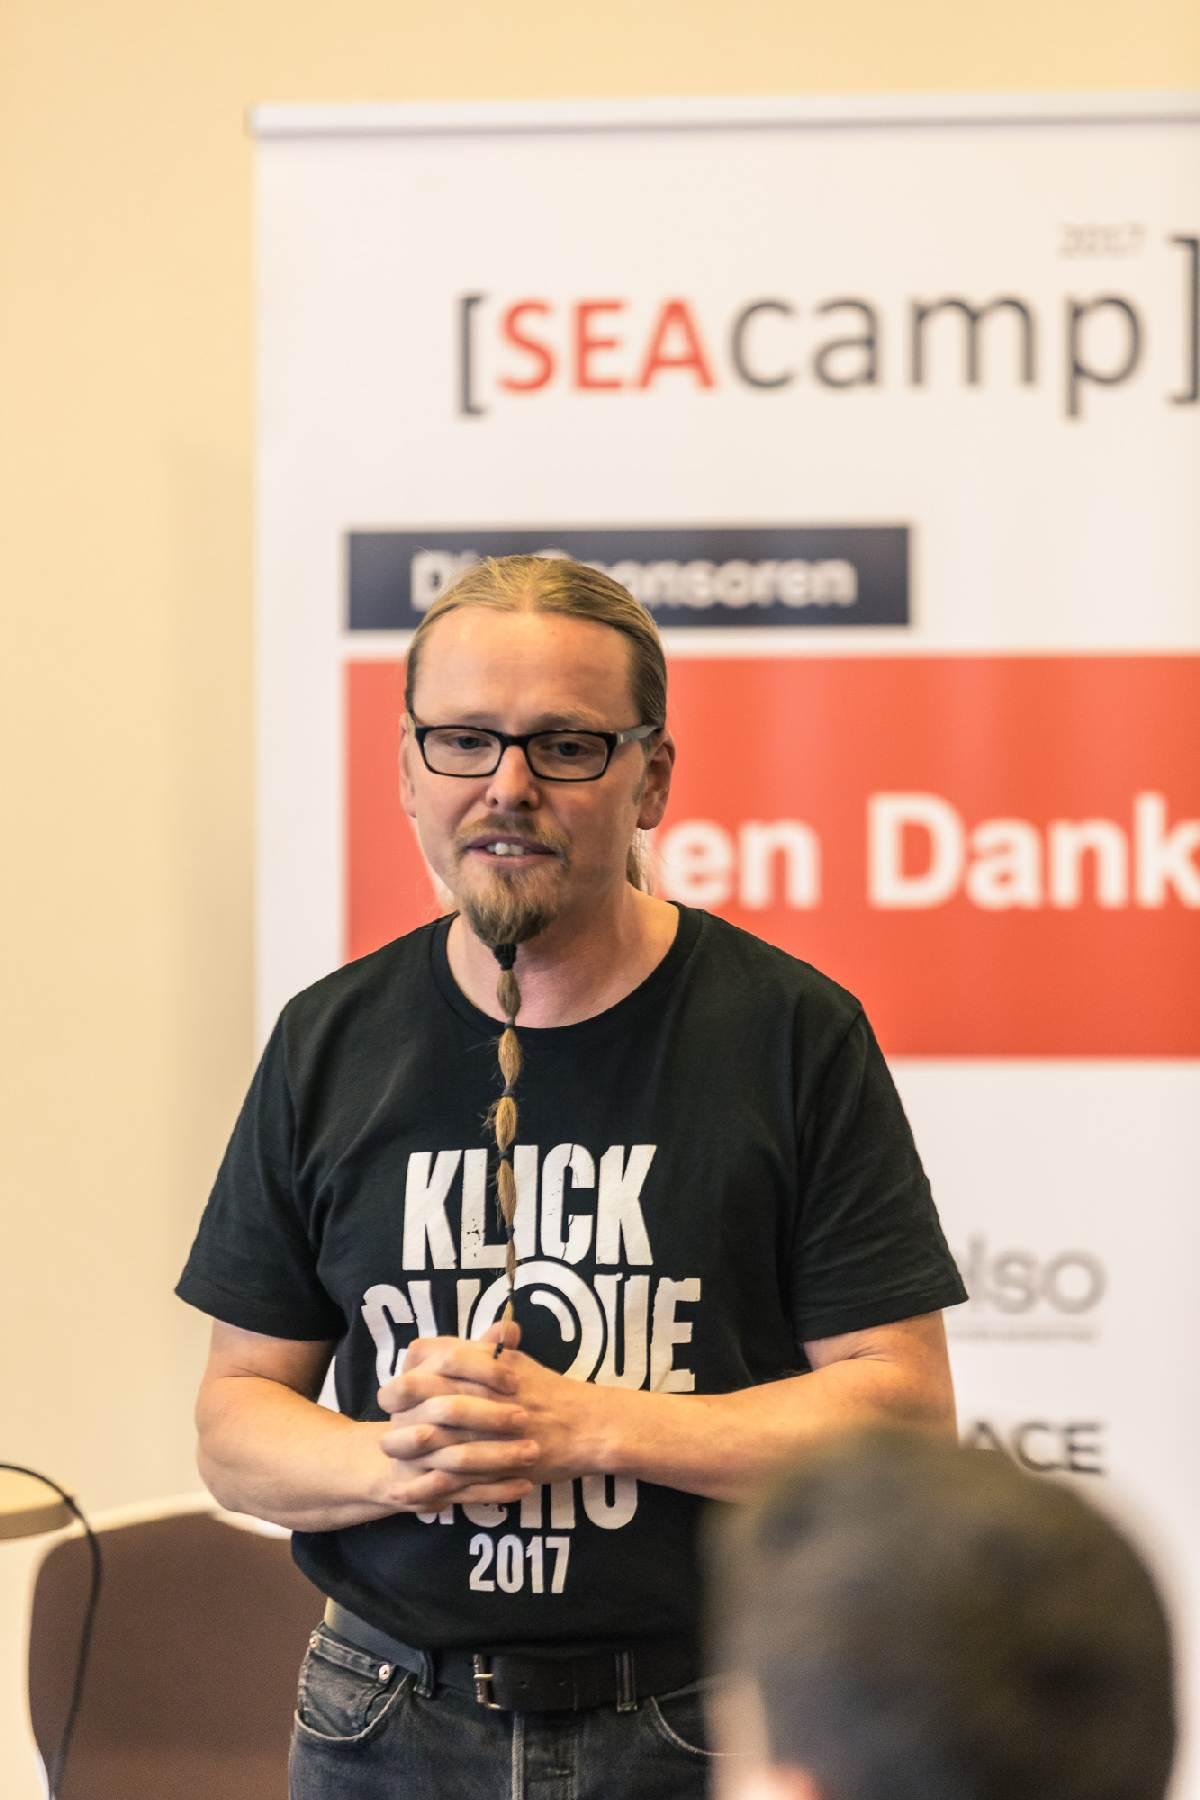 hannover_2017_SEAcamp-922(1)